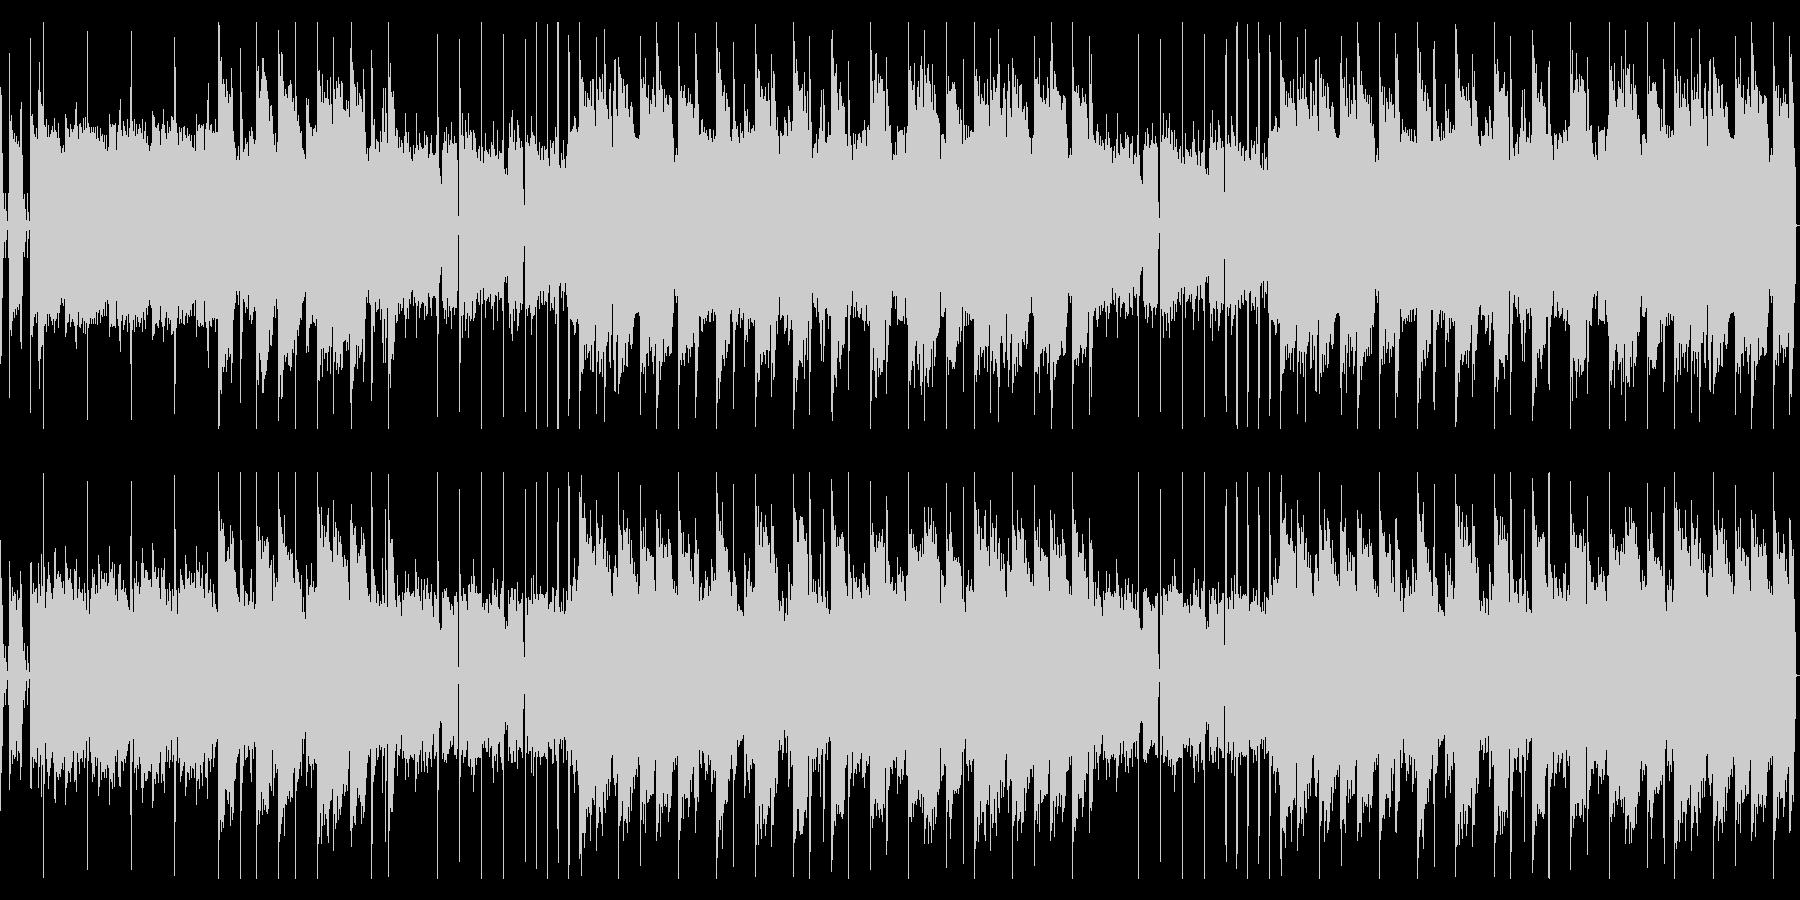 オールドスクールなヒップホップビーツの未再生の波形